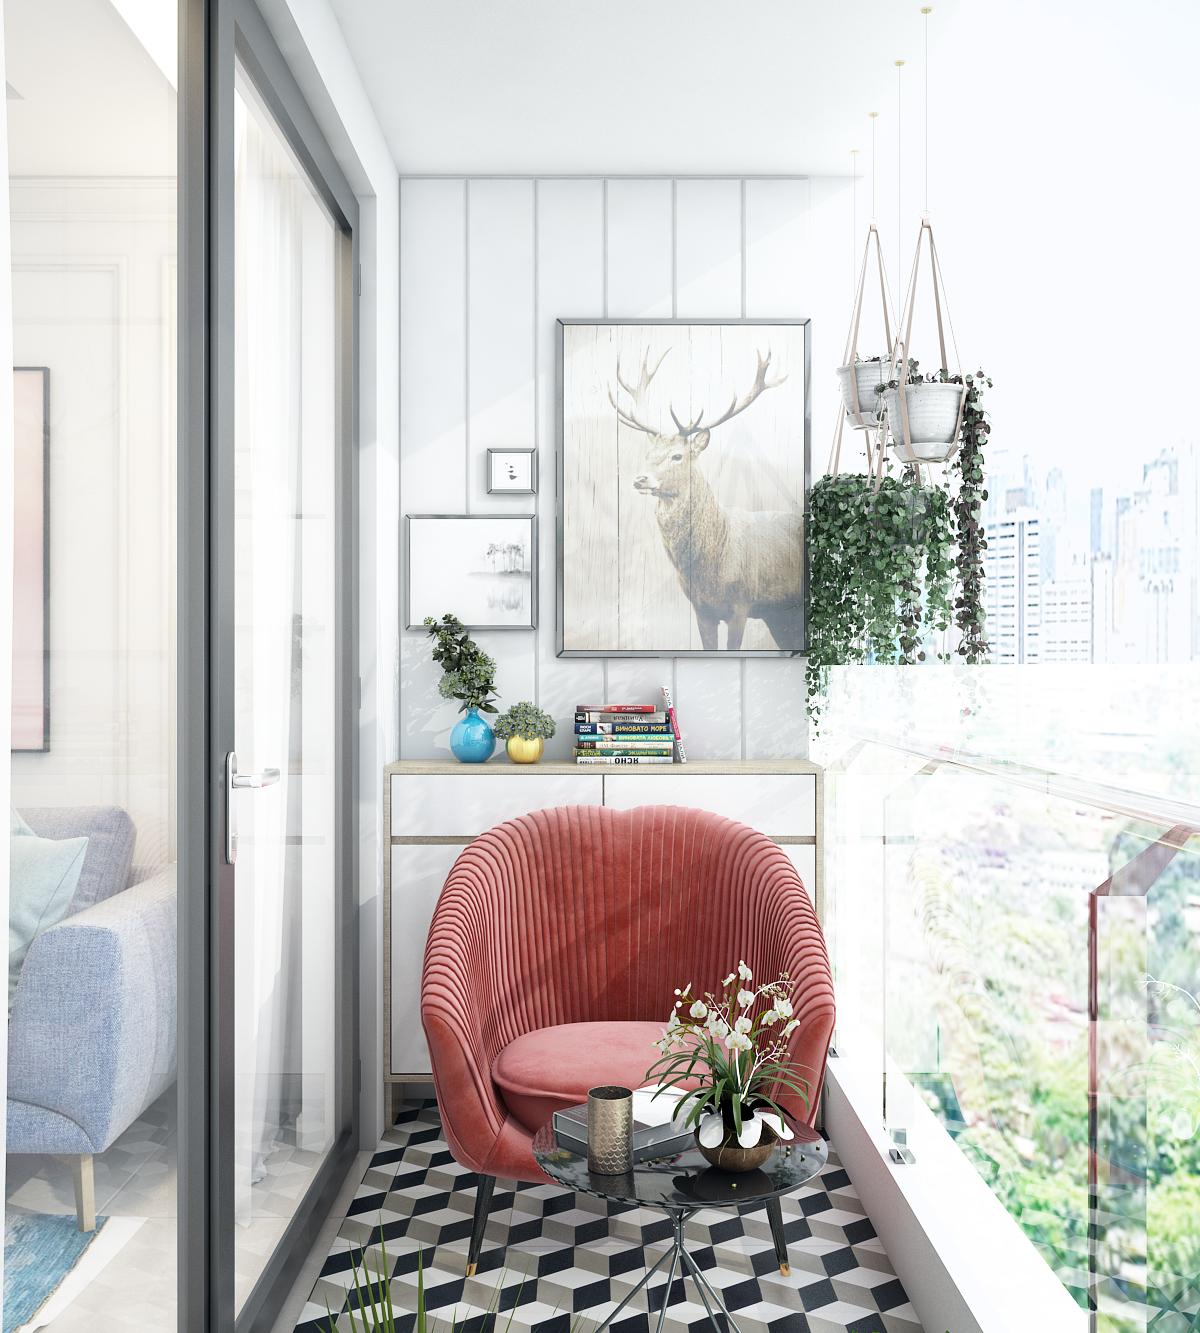 thiết kế nội thất chung cư tại Hồ Chí Minh Chị Ngọc_Goldview 9 1550734617